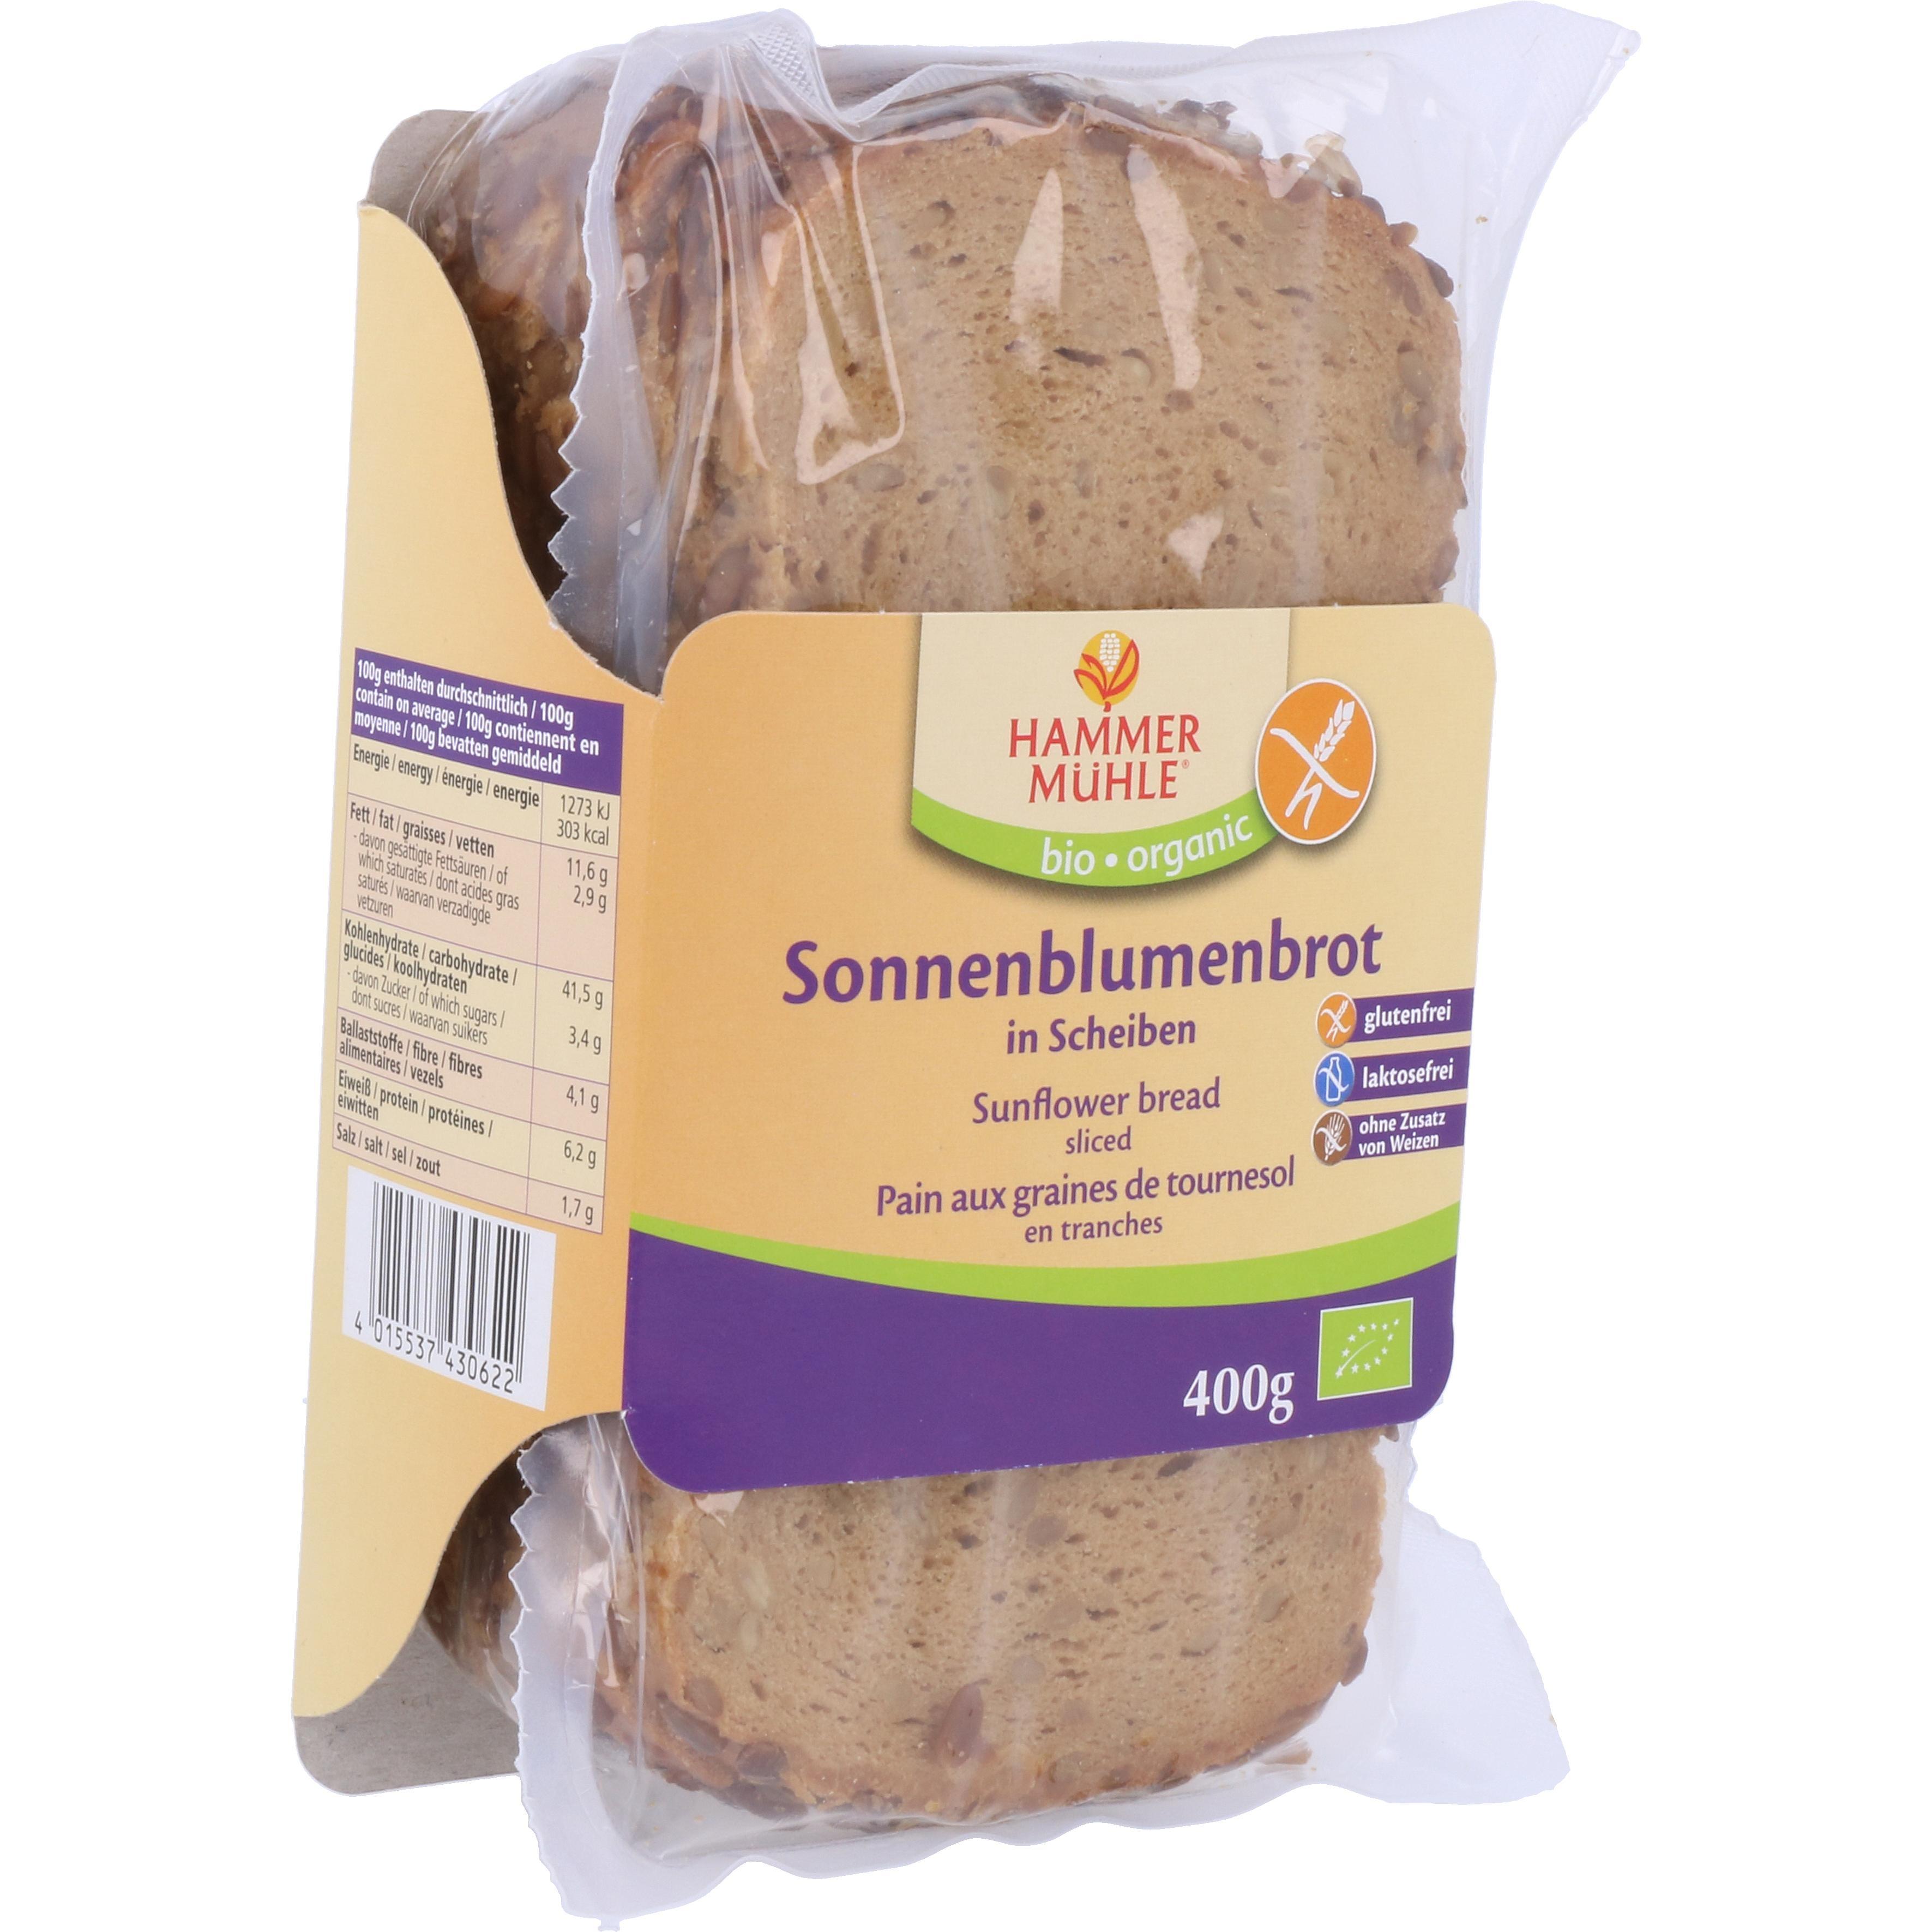 Hammermühle Organic Bio Sonnenblumenbrot in Scheiben 400g